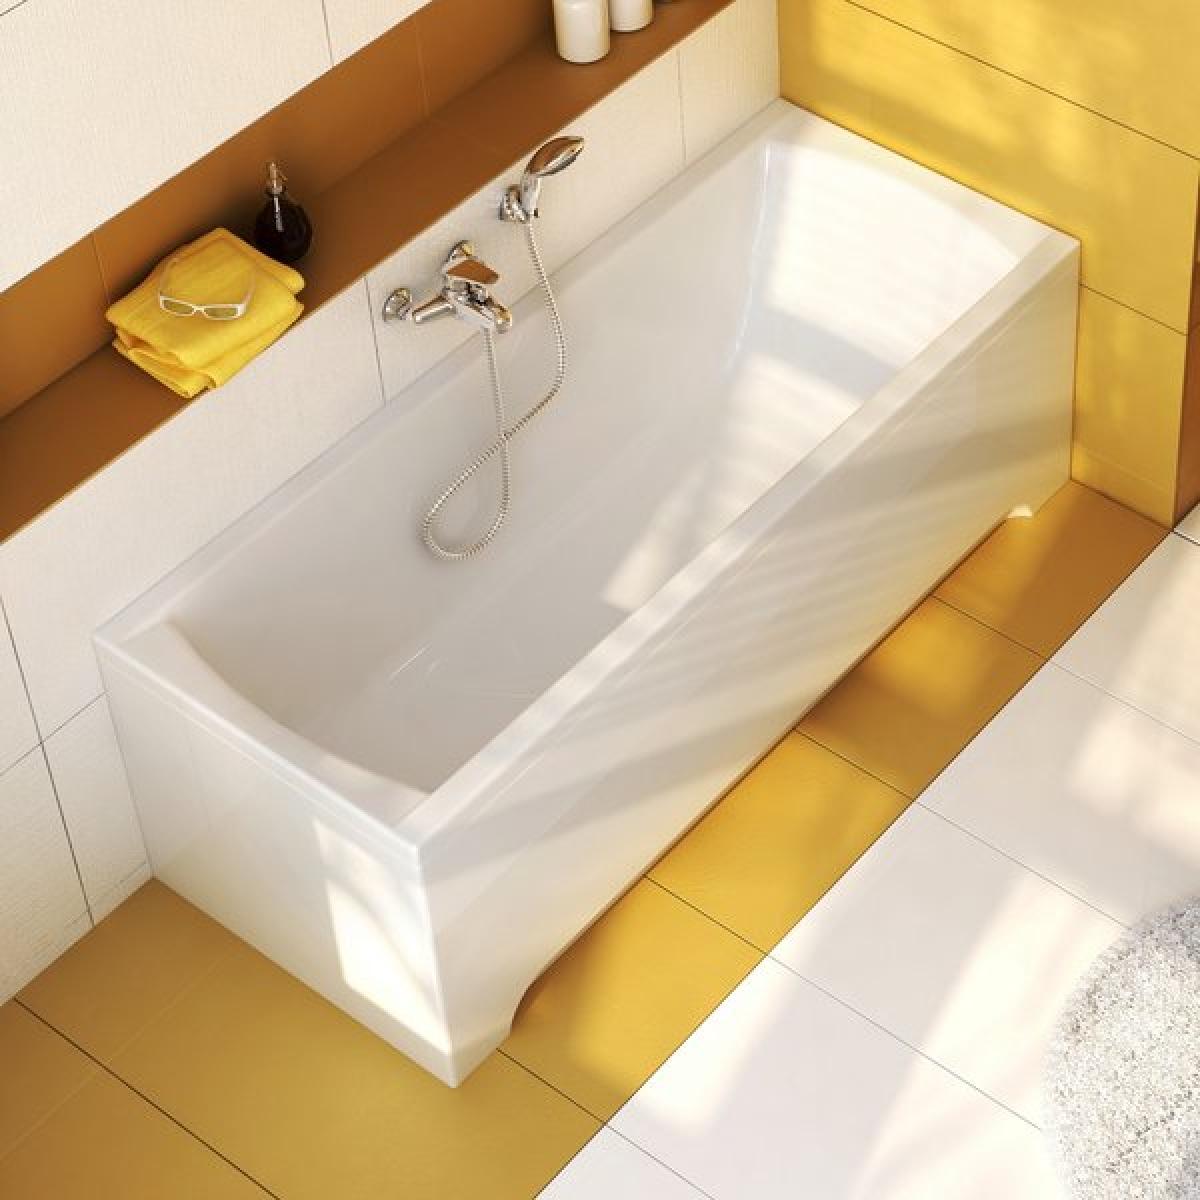 Углубление под ноги в ванной фото 13 фотография